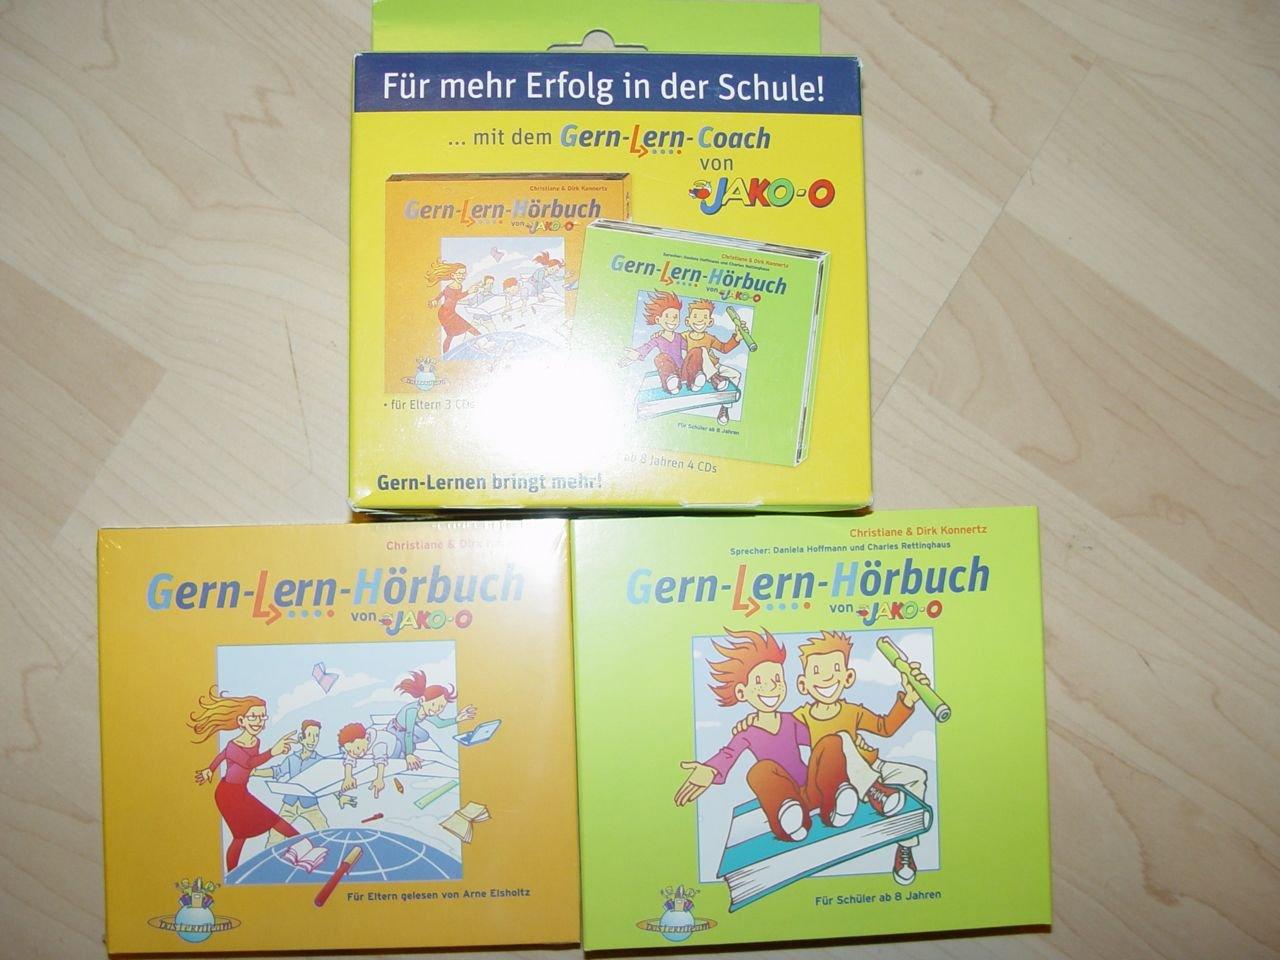 Jako-O Gern-Lern-Hörbuch - Für Schüler. Jako-O Gern-Lern-Hörbuch ...